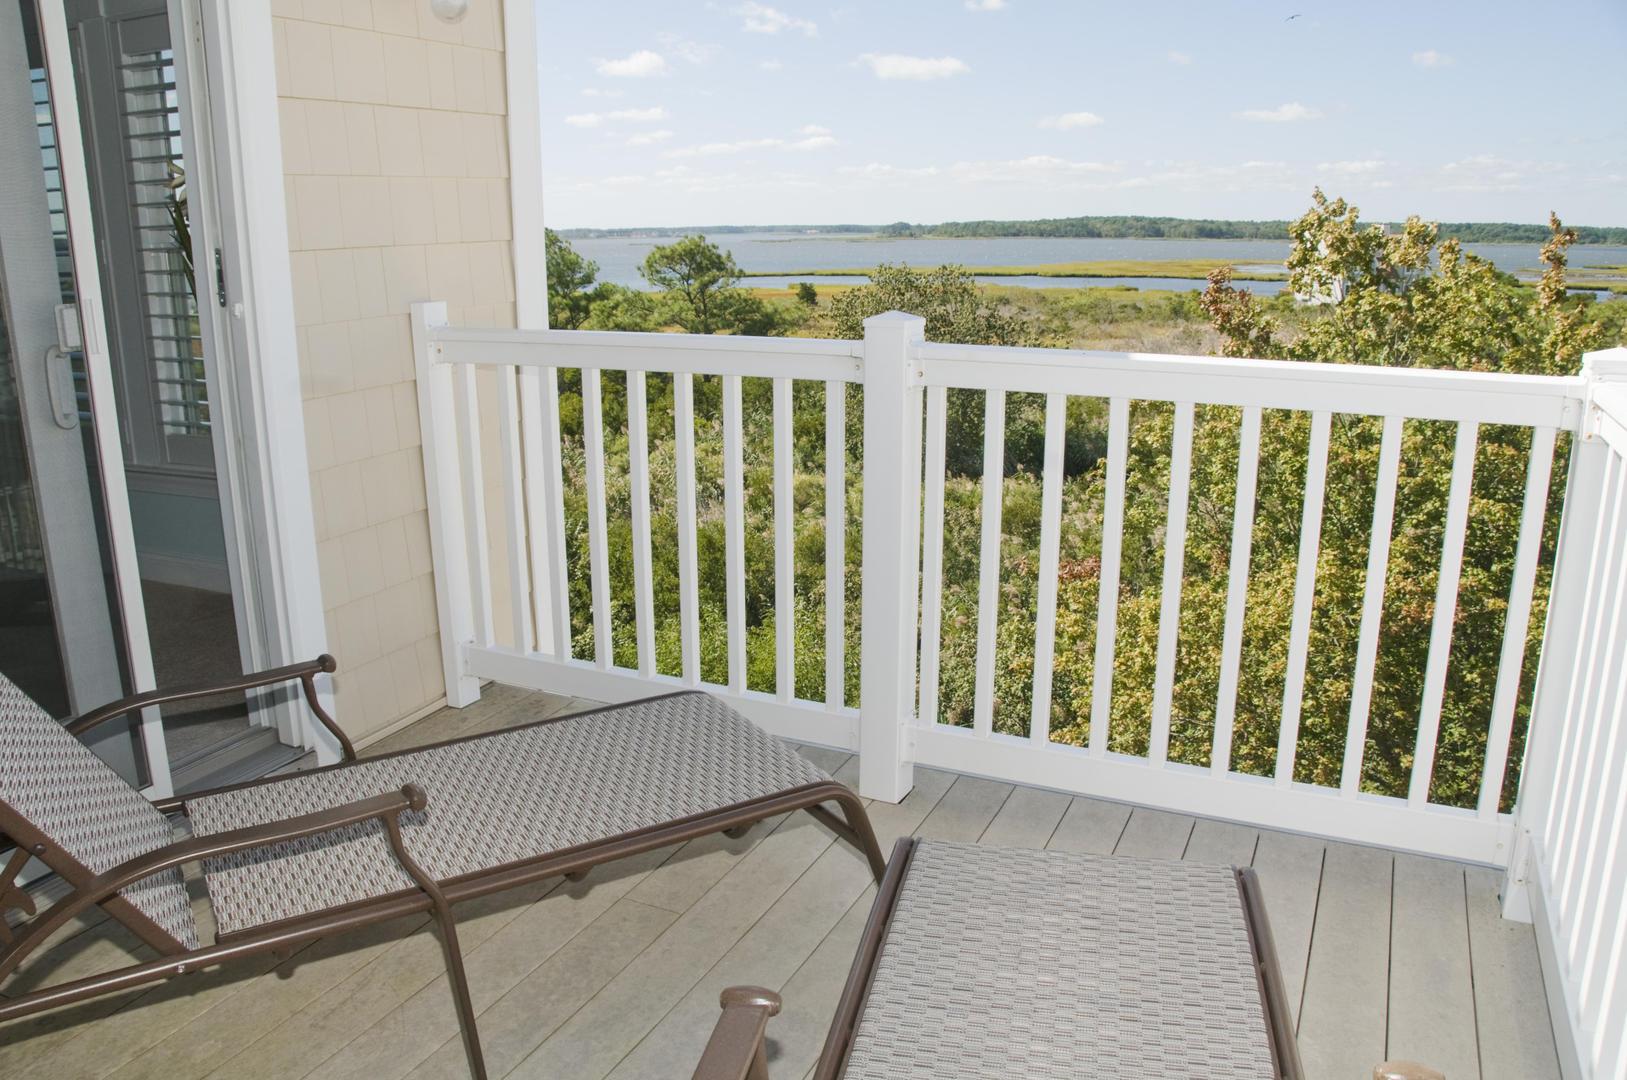 Salt Meadows 40142 - Balcony Off of Master Bedroom